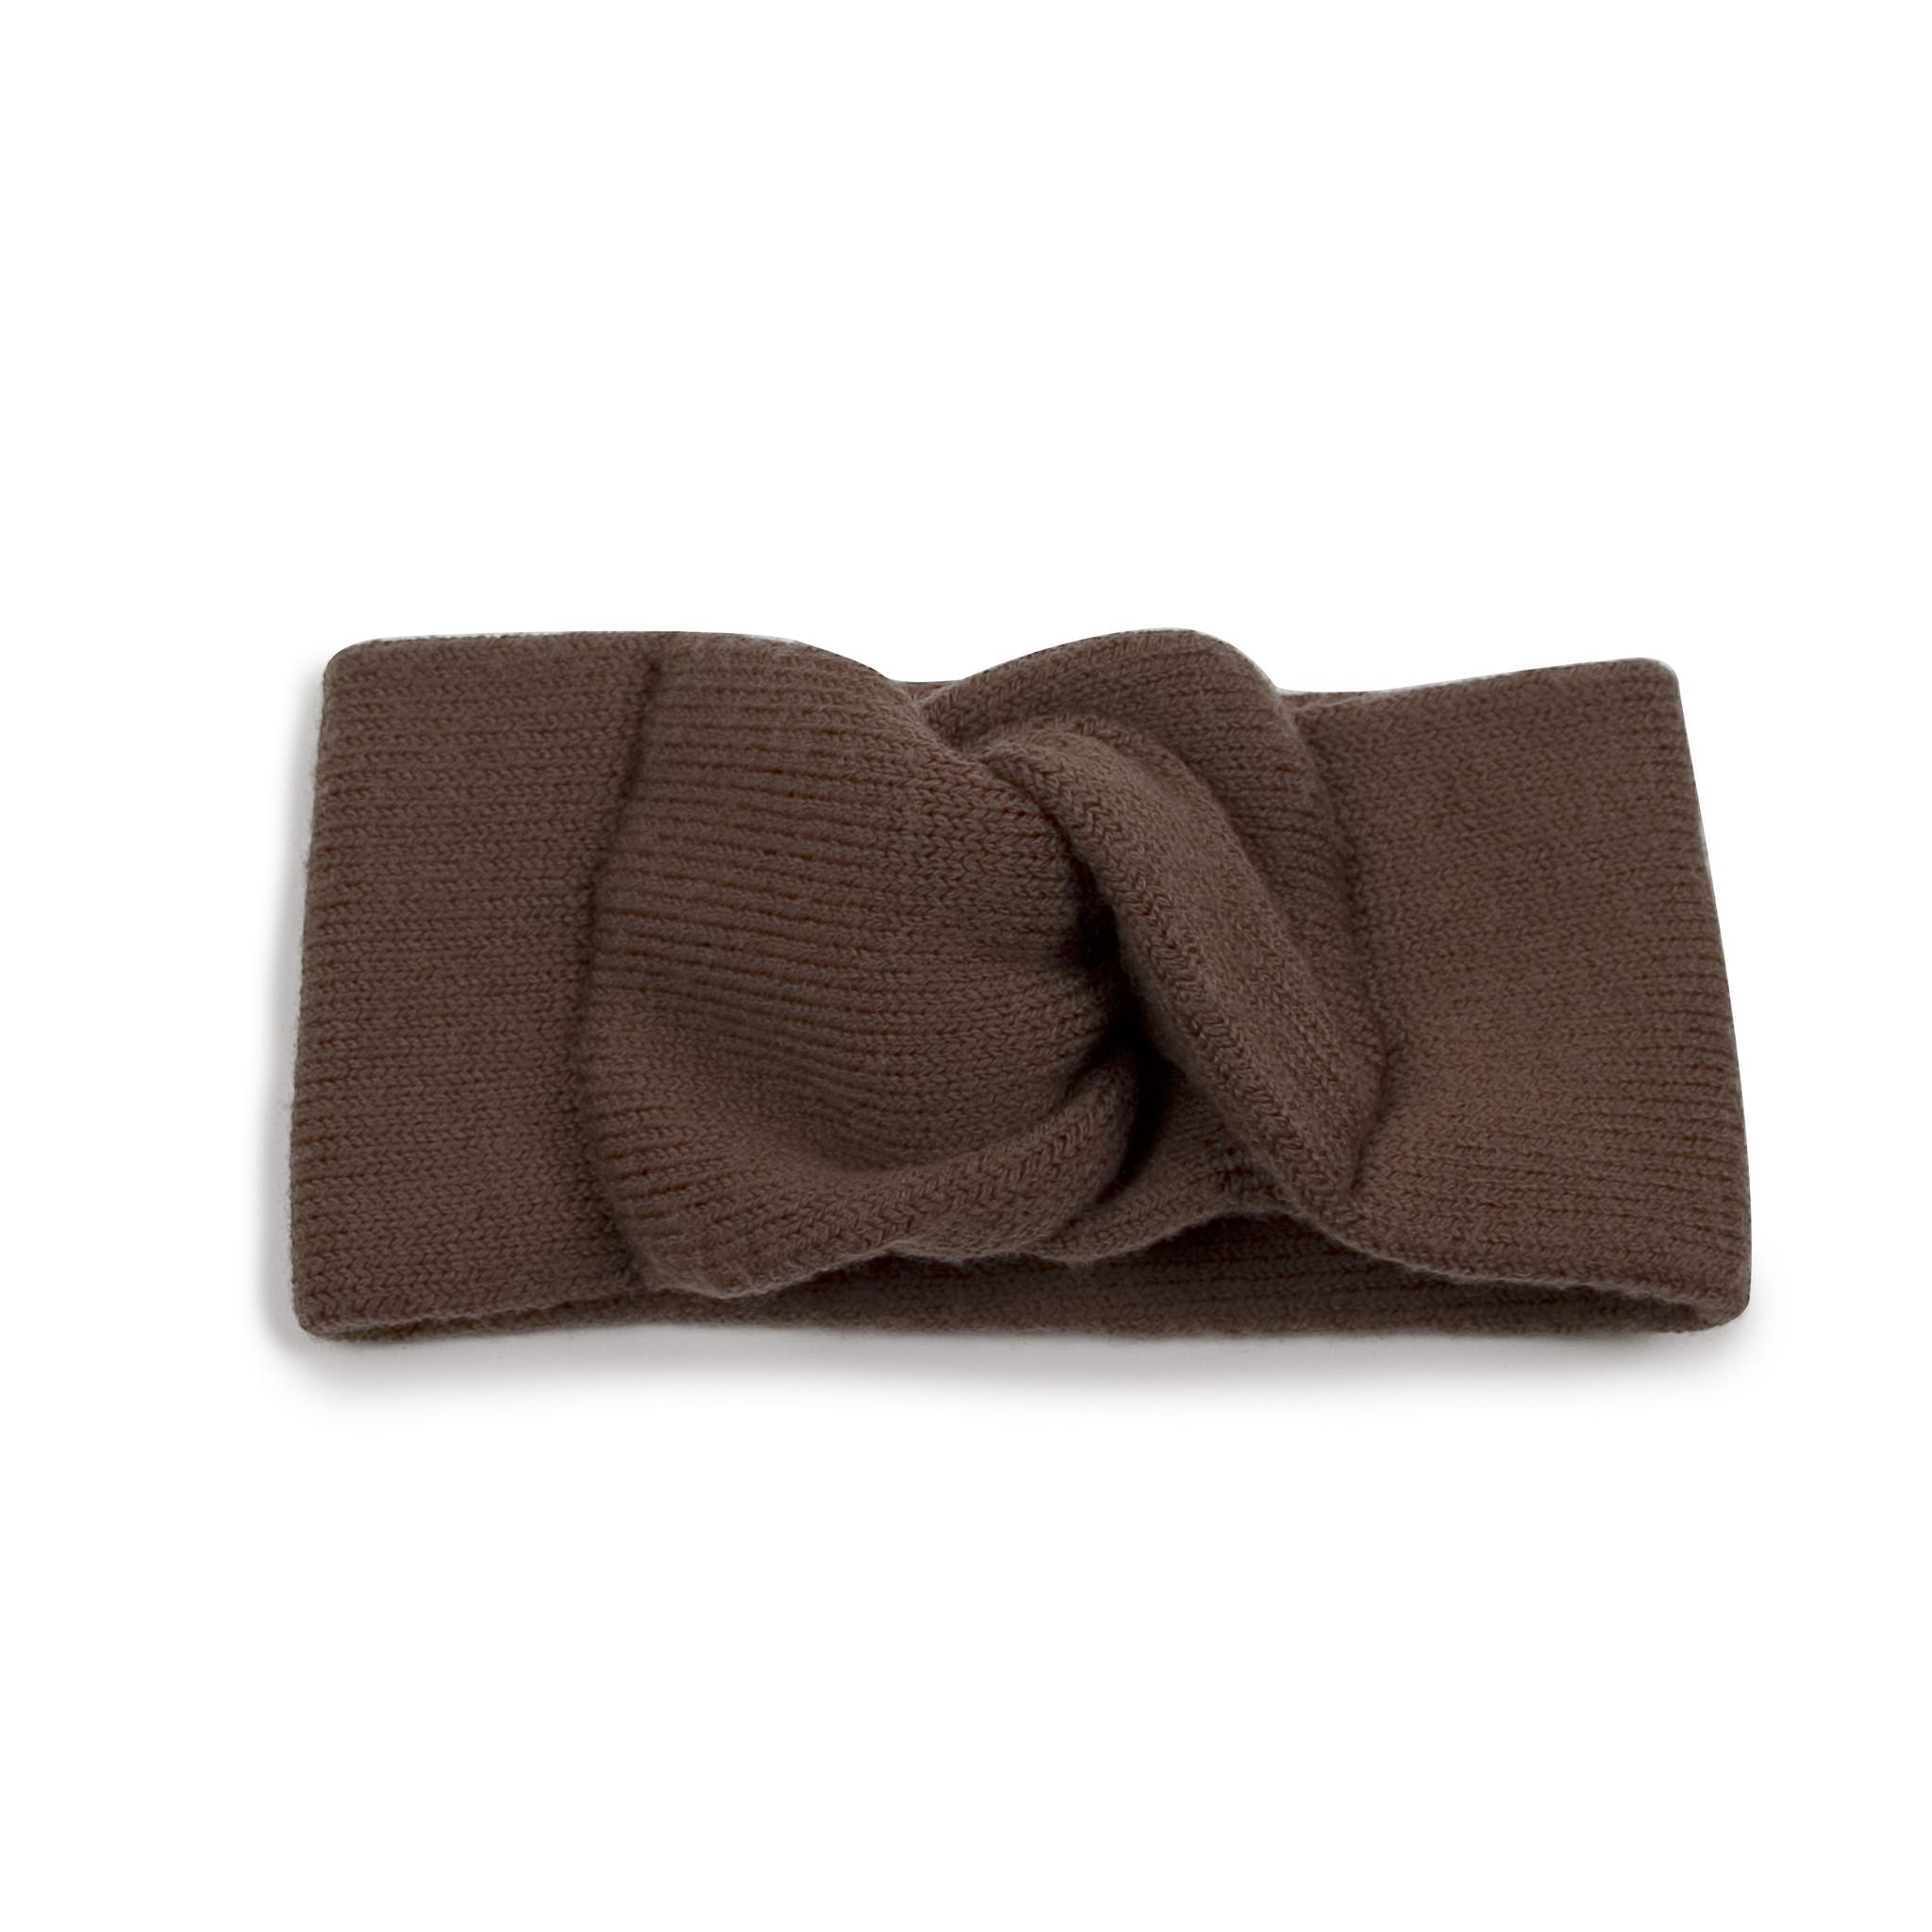 Merinowolle-Stirnband milchschokoladenfarben